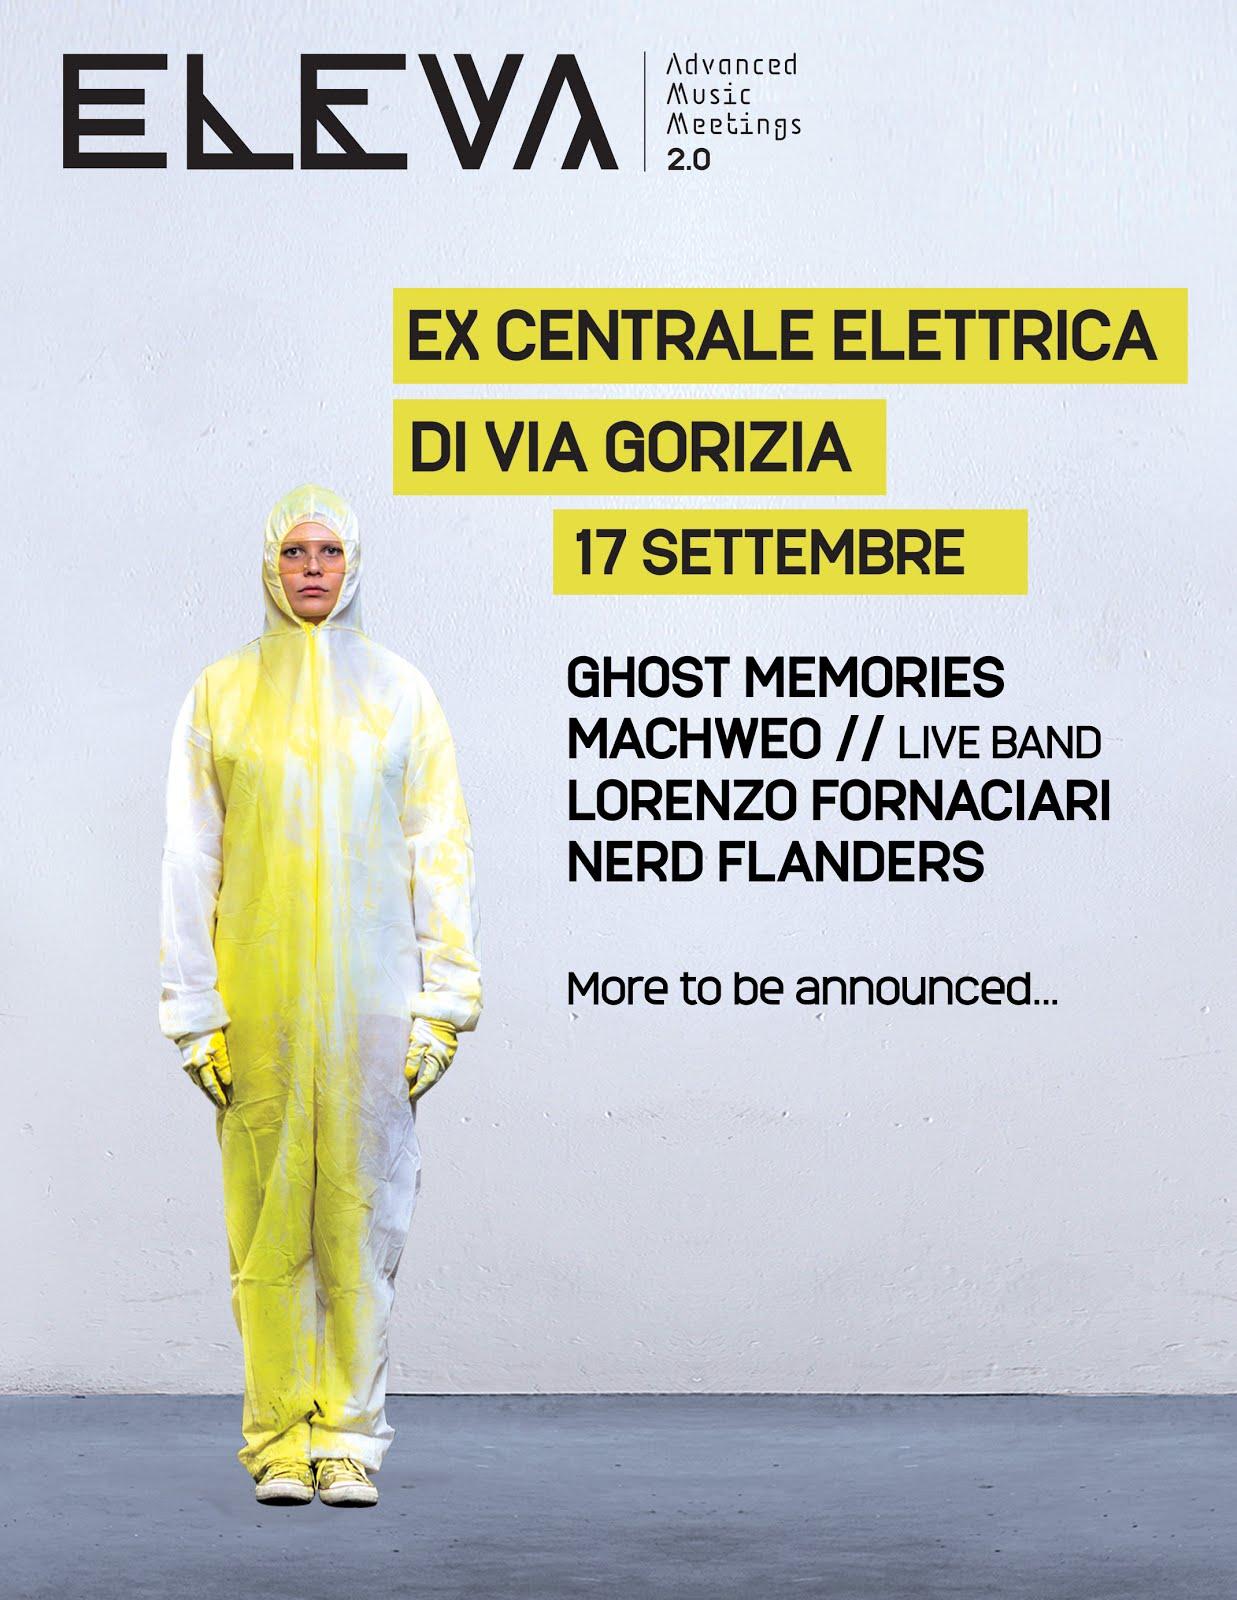 Eleva Festival Meeting Giallo 17 Settembre @Ex Centrale Elettrica